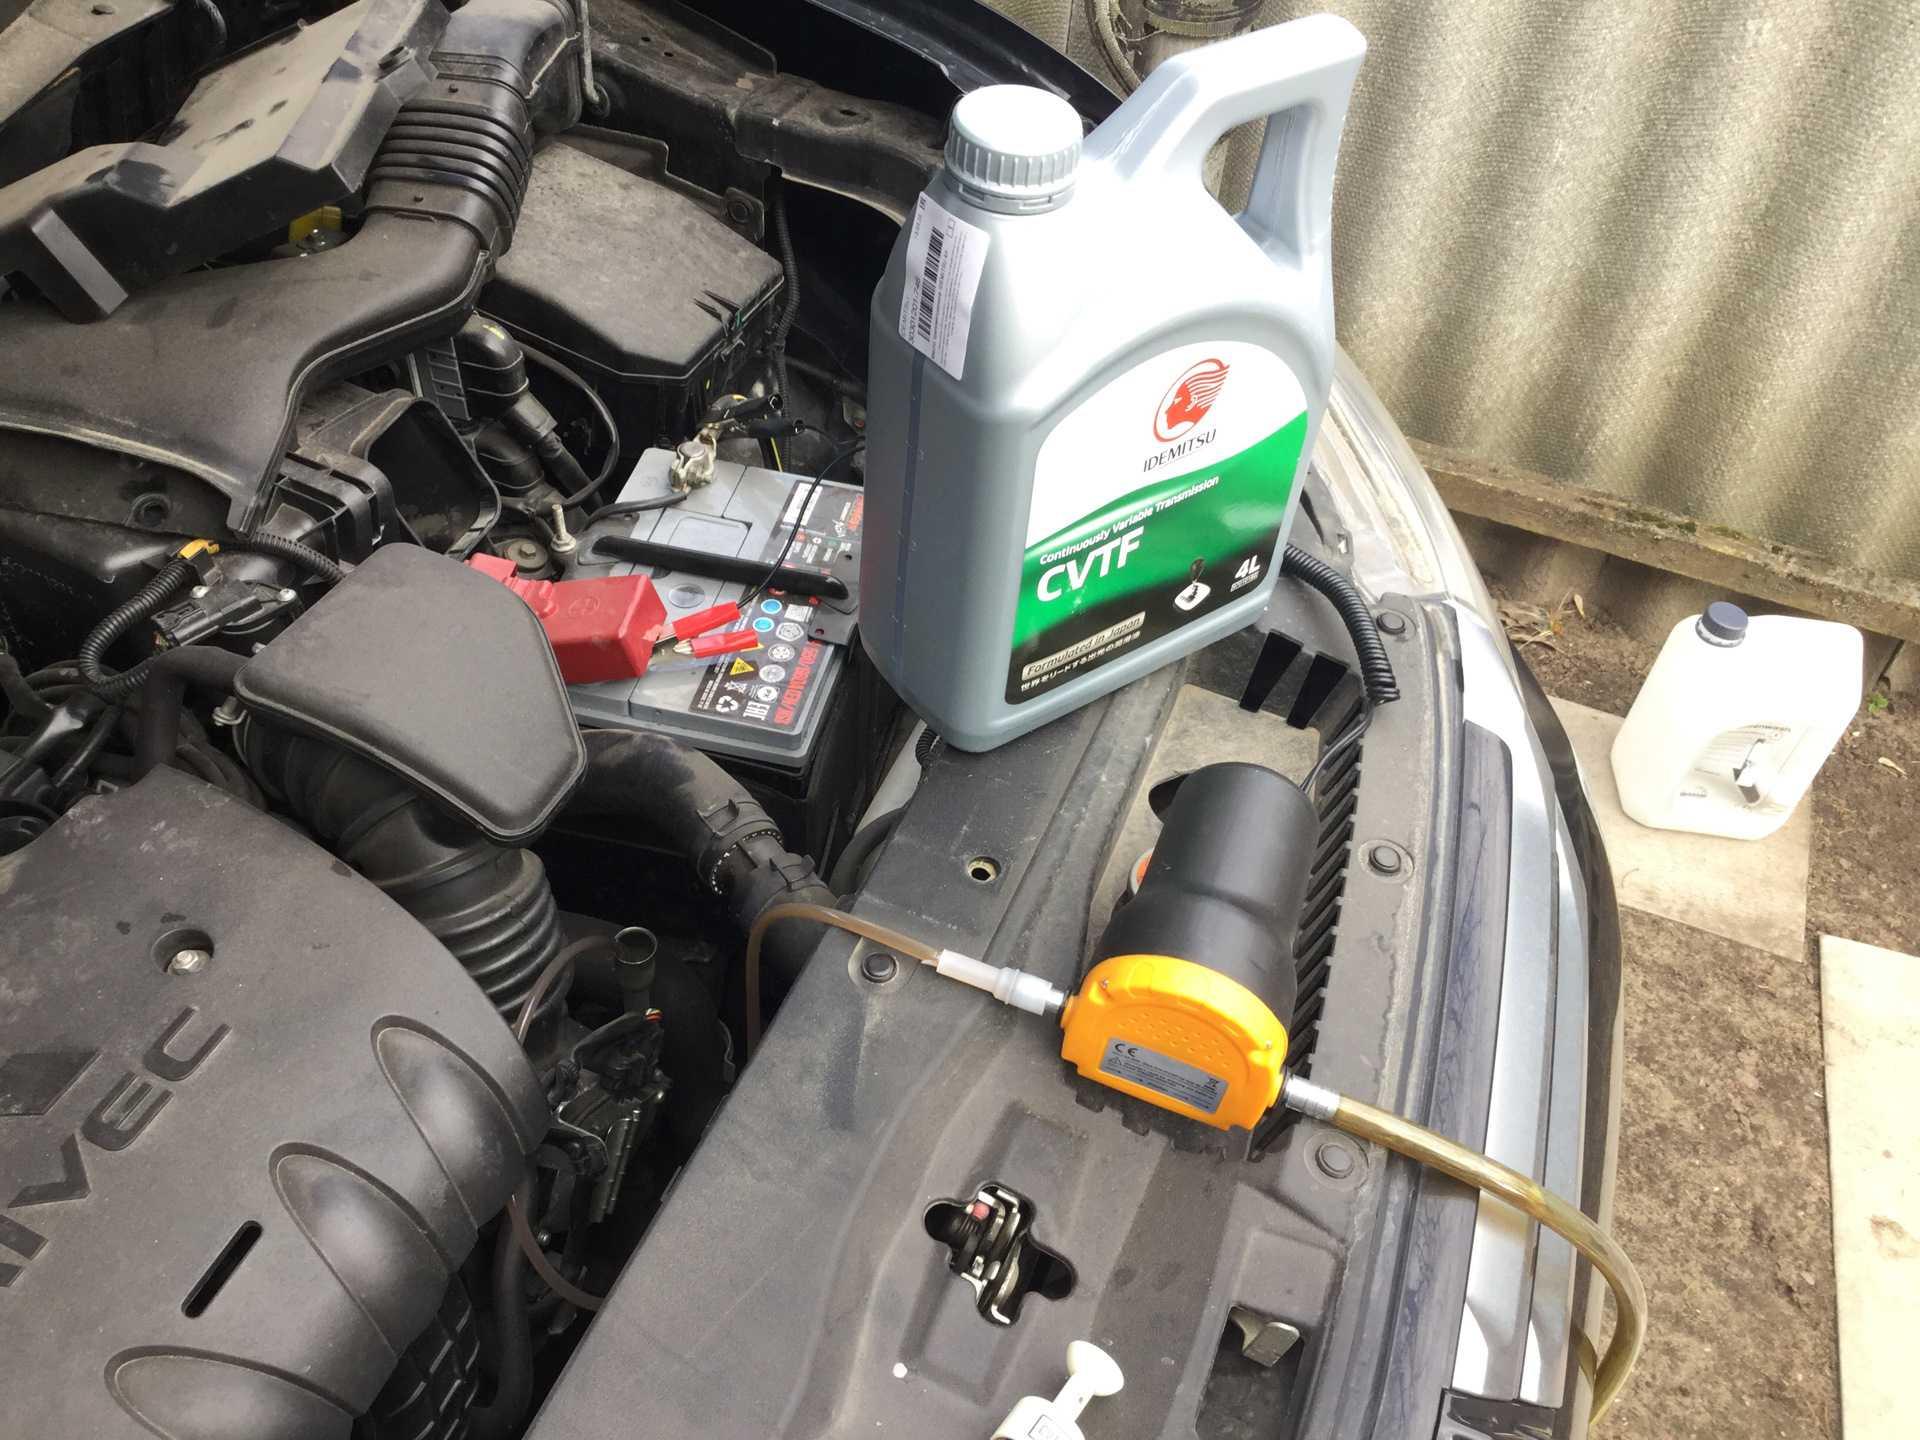 Митсубиси аутлендер как проверить уровень масла в вариаторе; разбираем главное